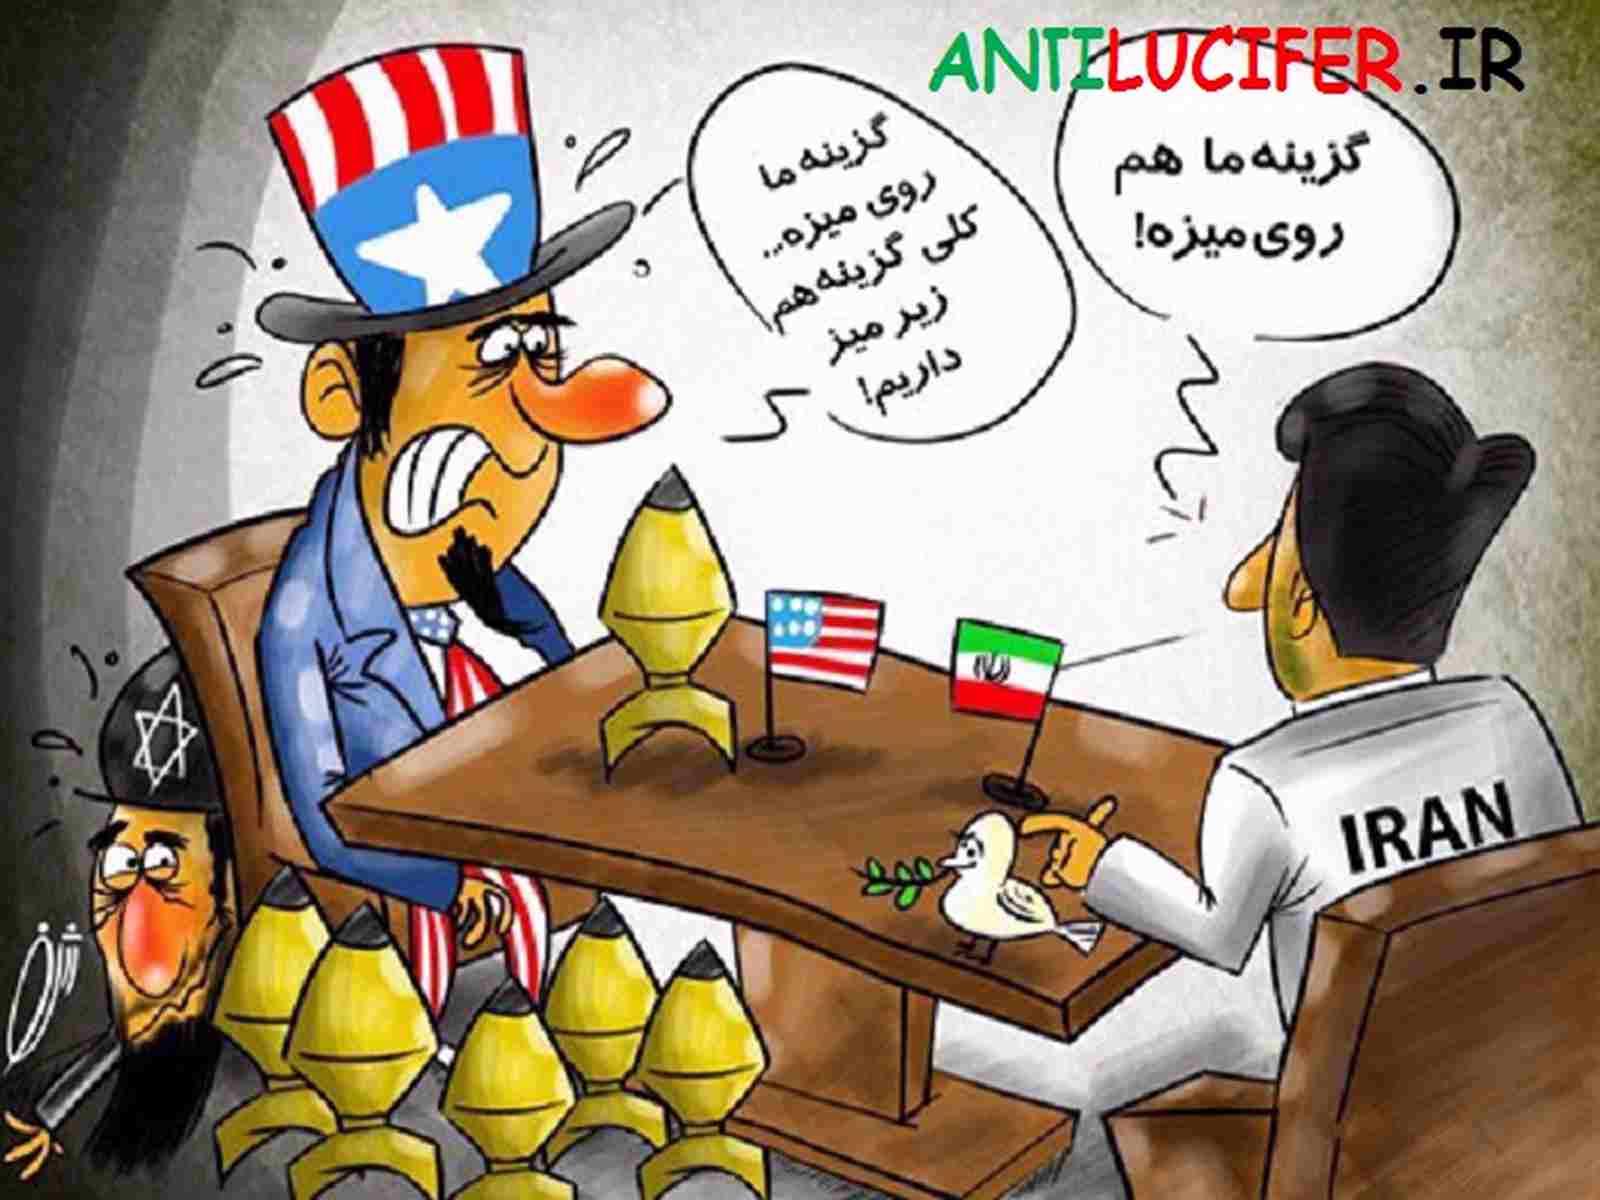 عکس میز مذاکرات ایران و امریکا